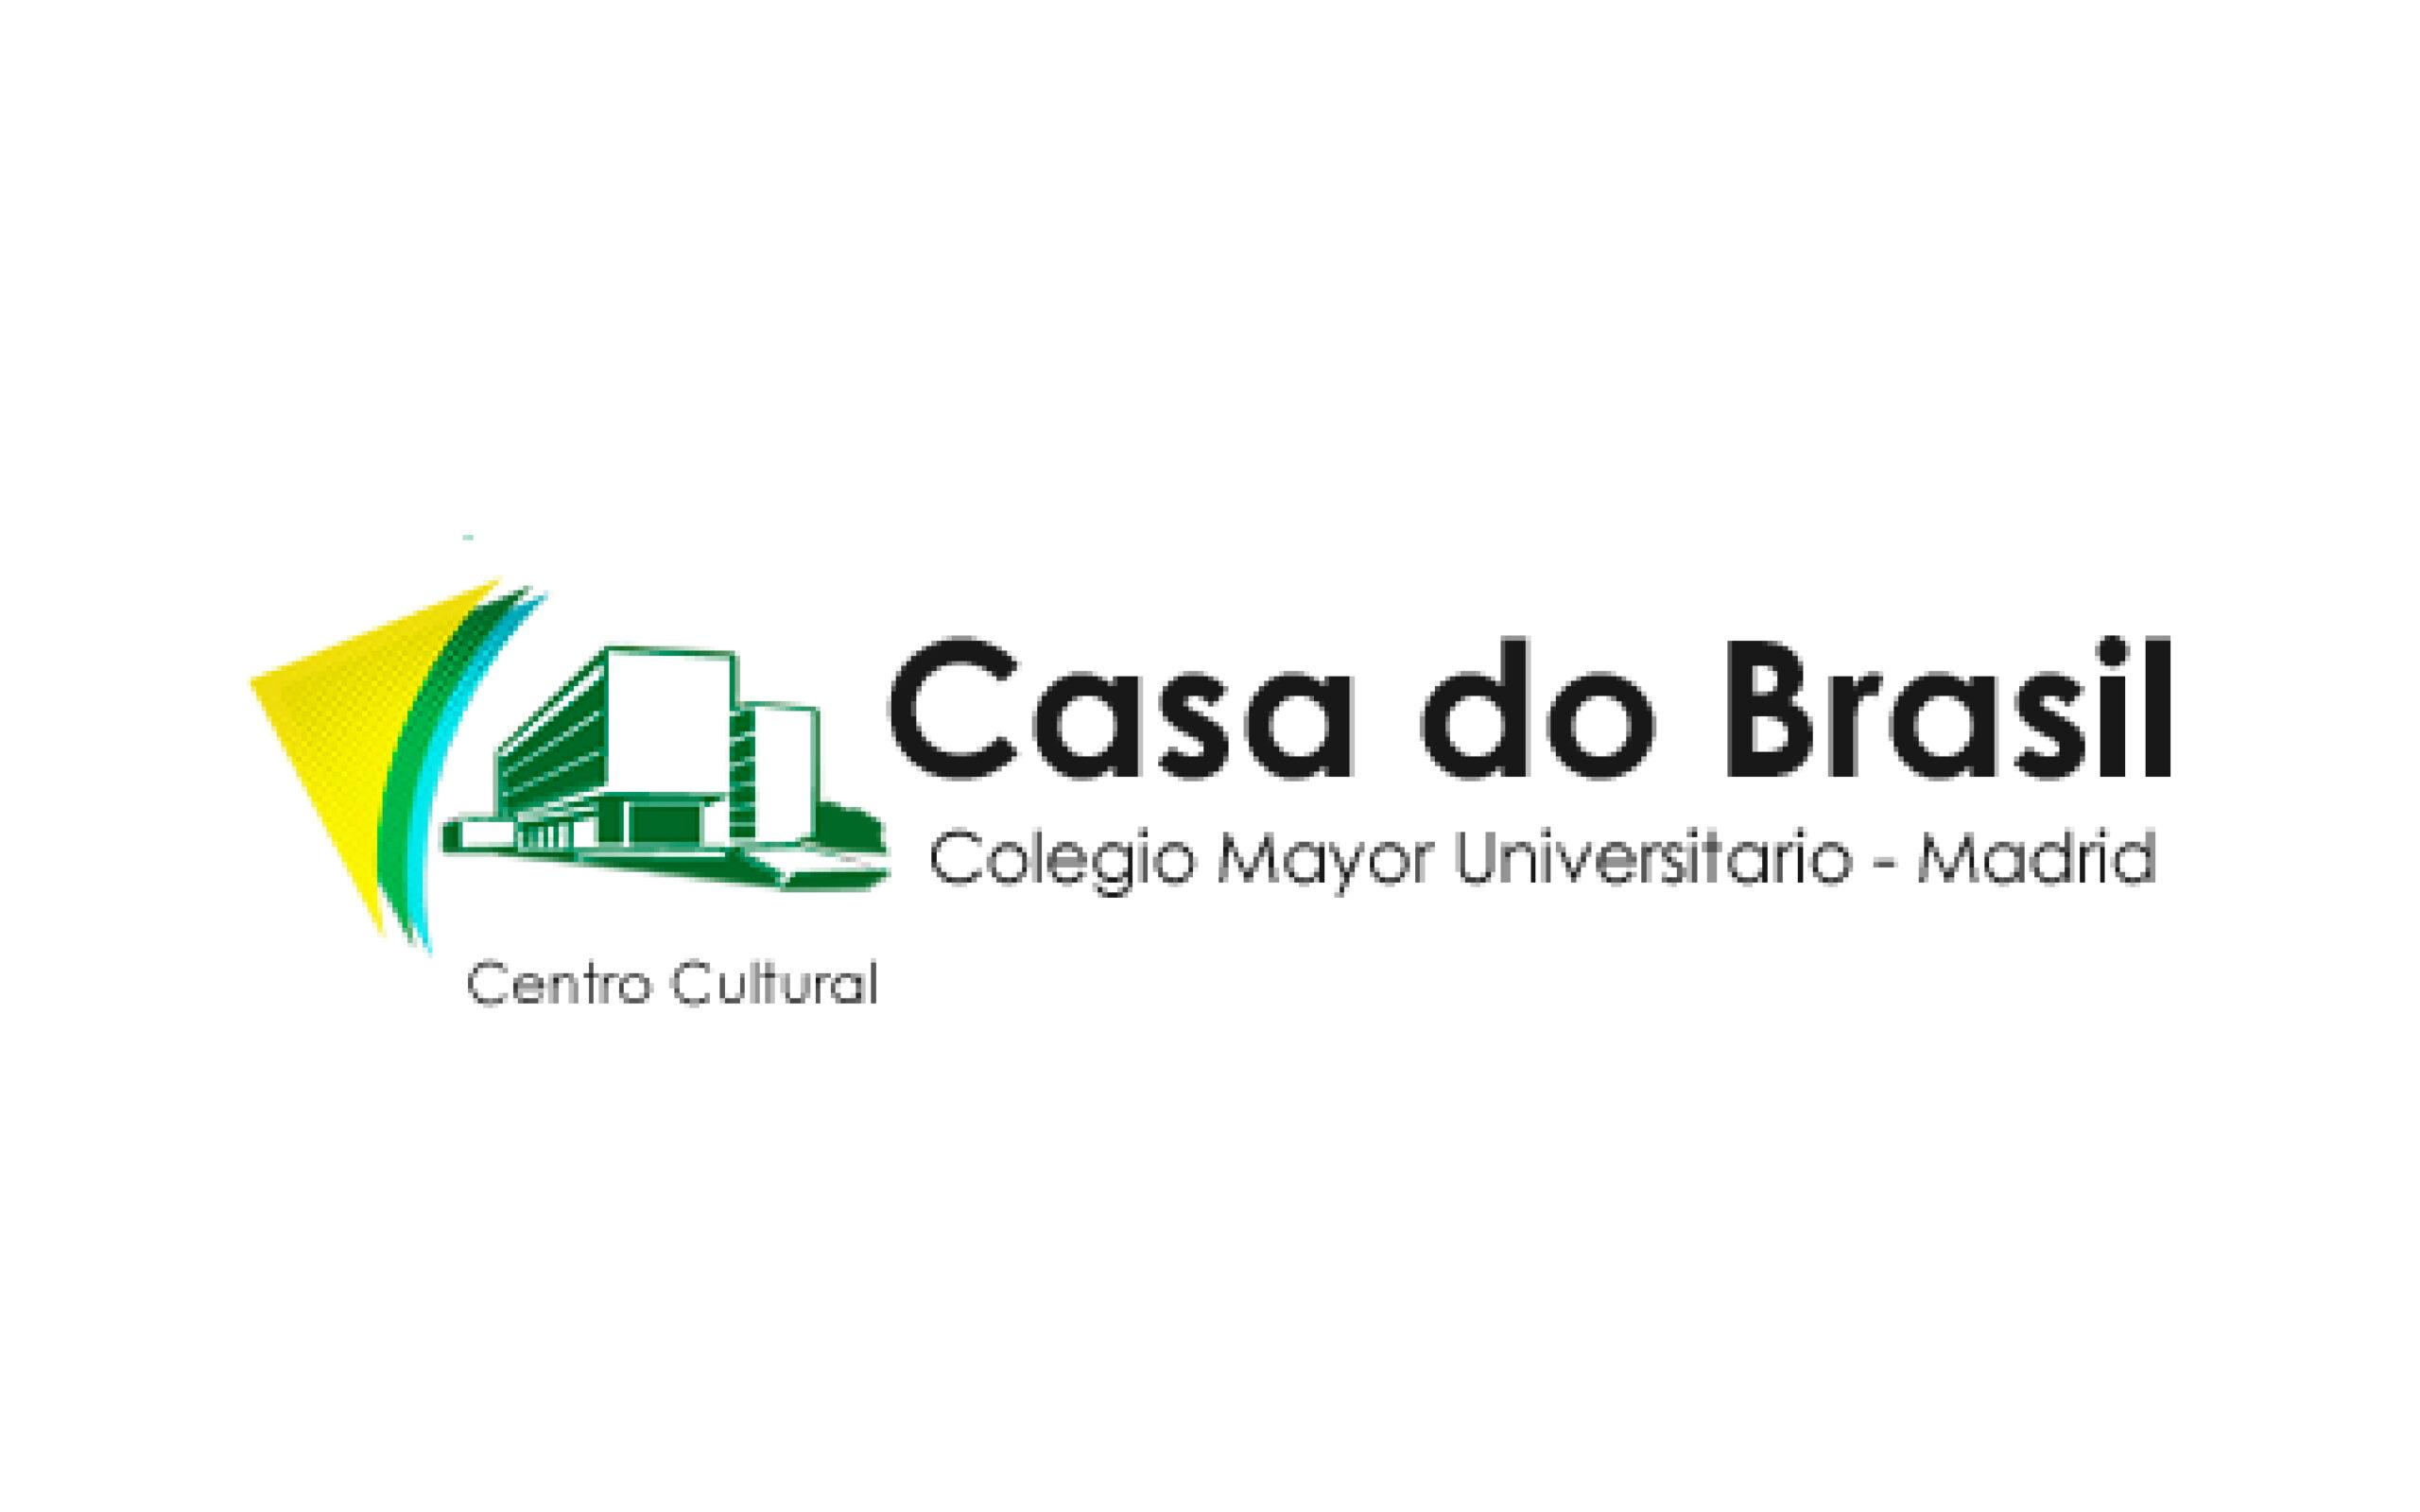 Logos_CCBE_socios-96